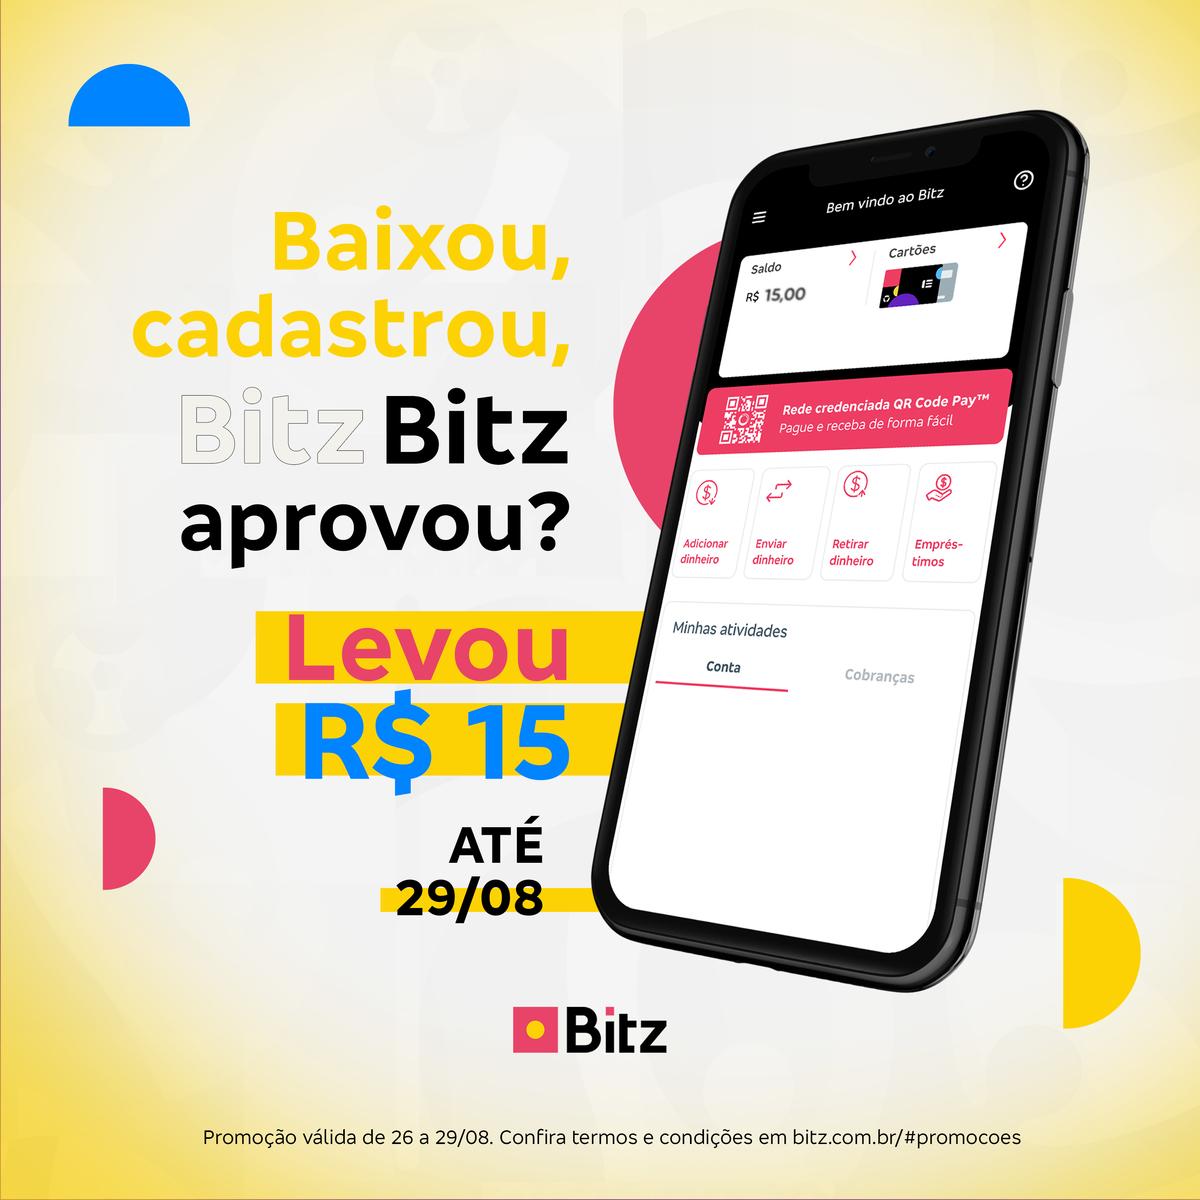 Promo-Relampago_ago Ganhe R$15 ao abrir uma conta Bitz até 29 de setembro